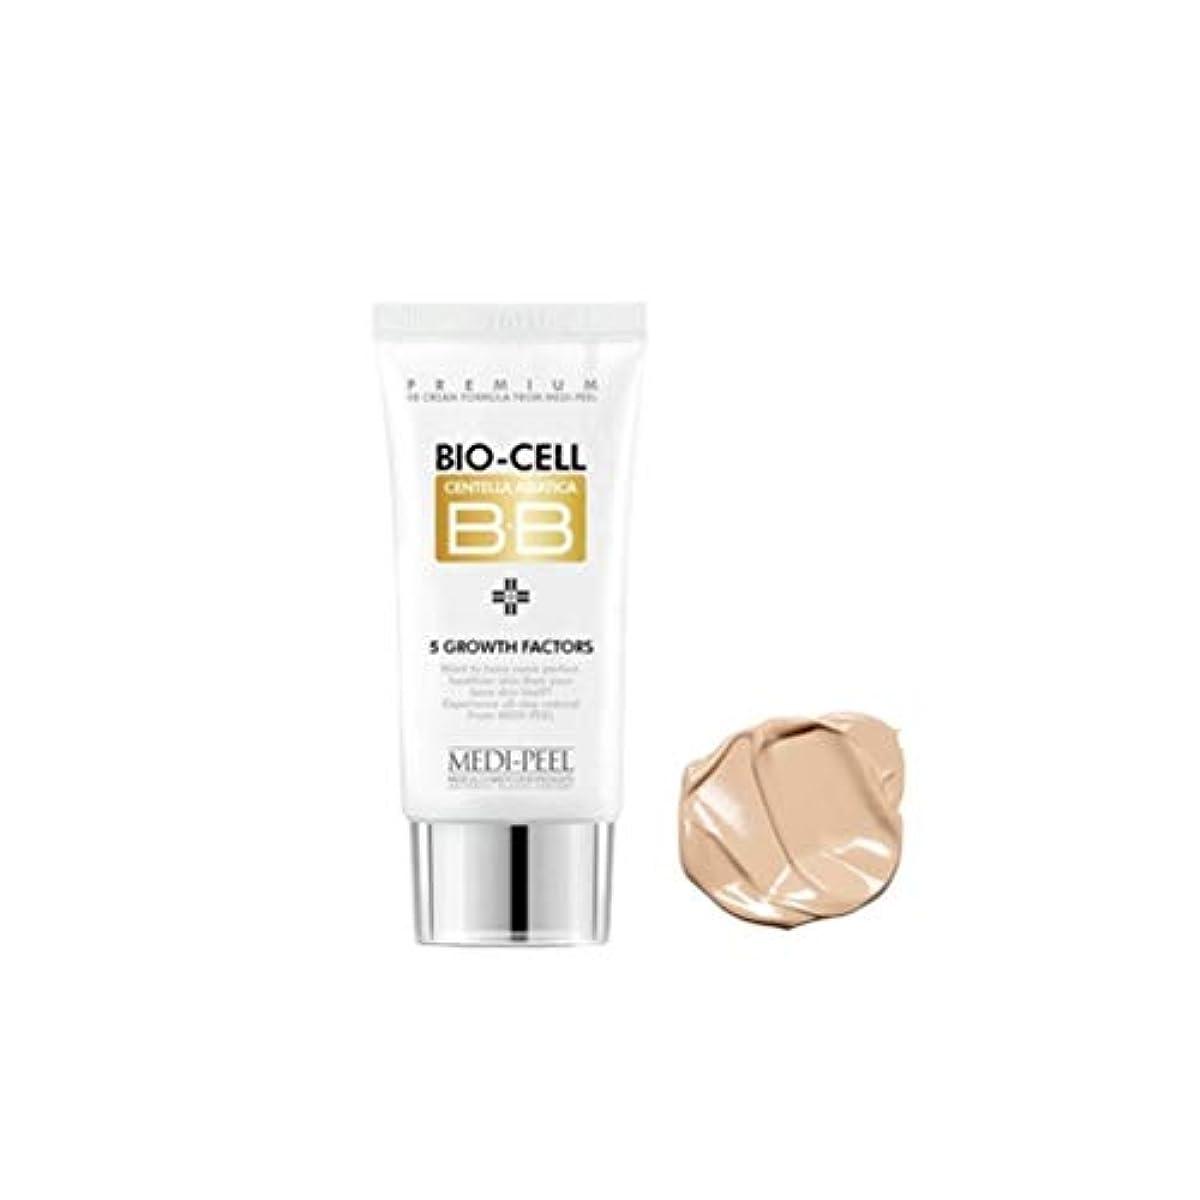 使い込む弱点古い[Medi-Peel] メディピール バイオセル BBクリーム 50ml. [美.白?シワ.改善2重機能性化粧品] Medi-Peel Bio-cell BB Cream 50ml.